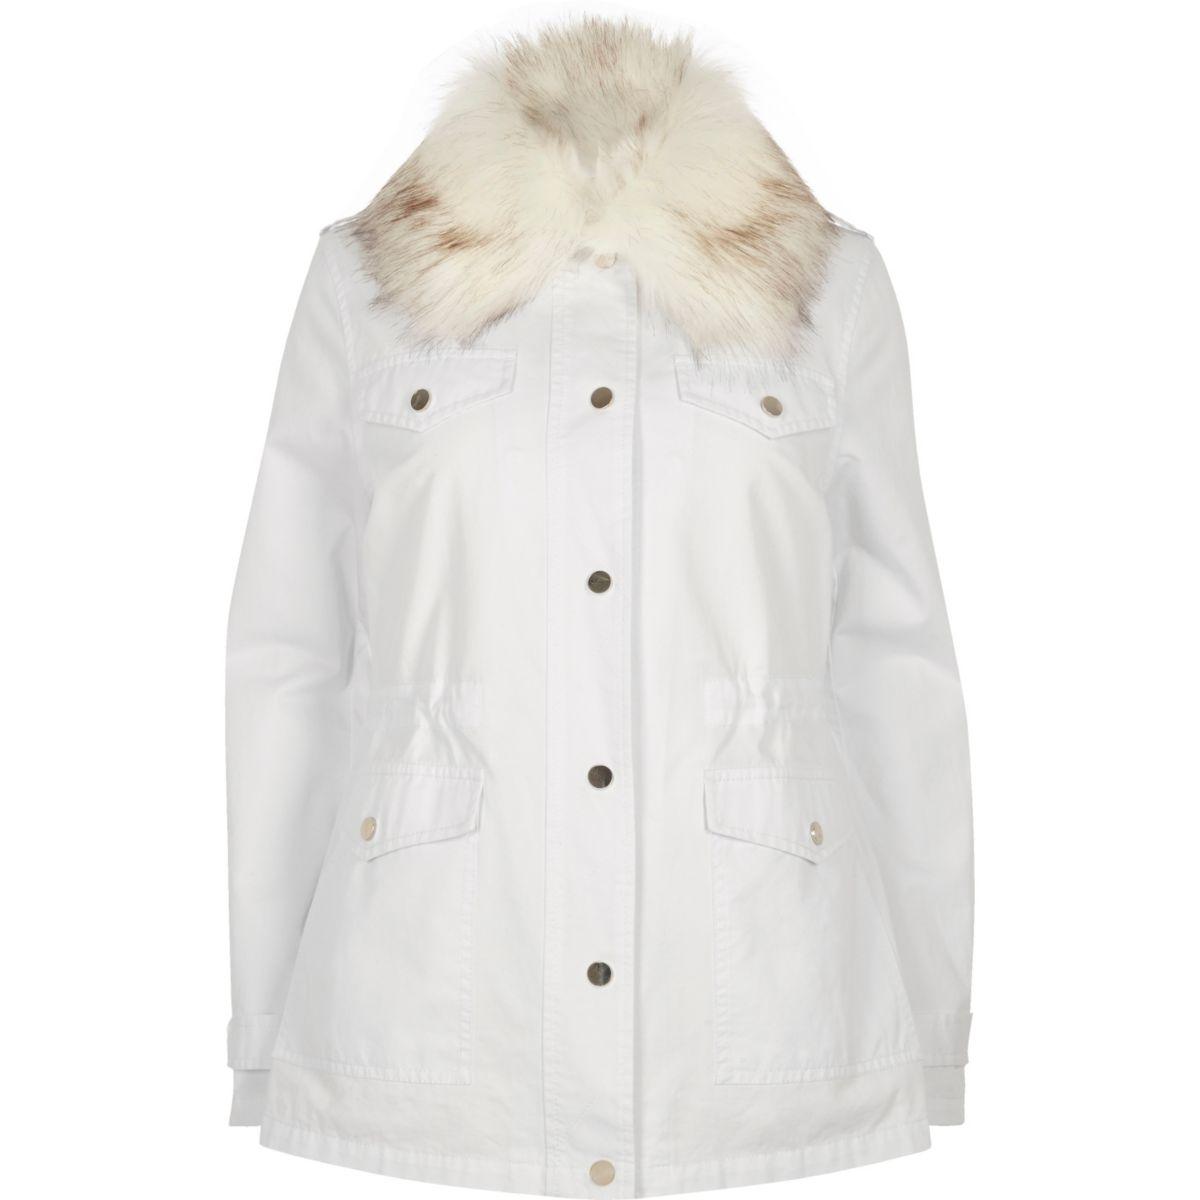 White faux fur lined parka